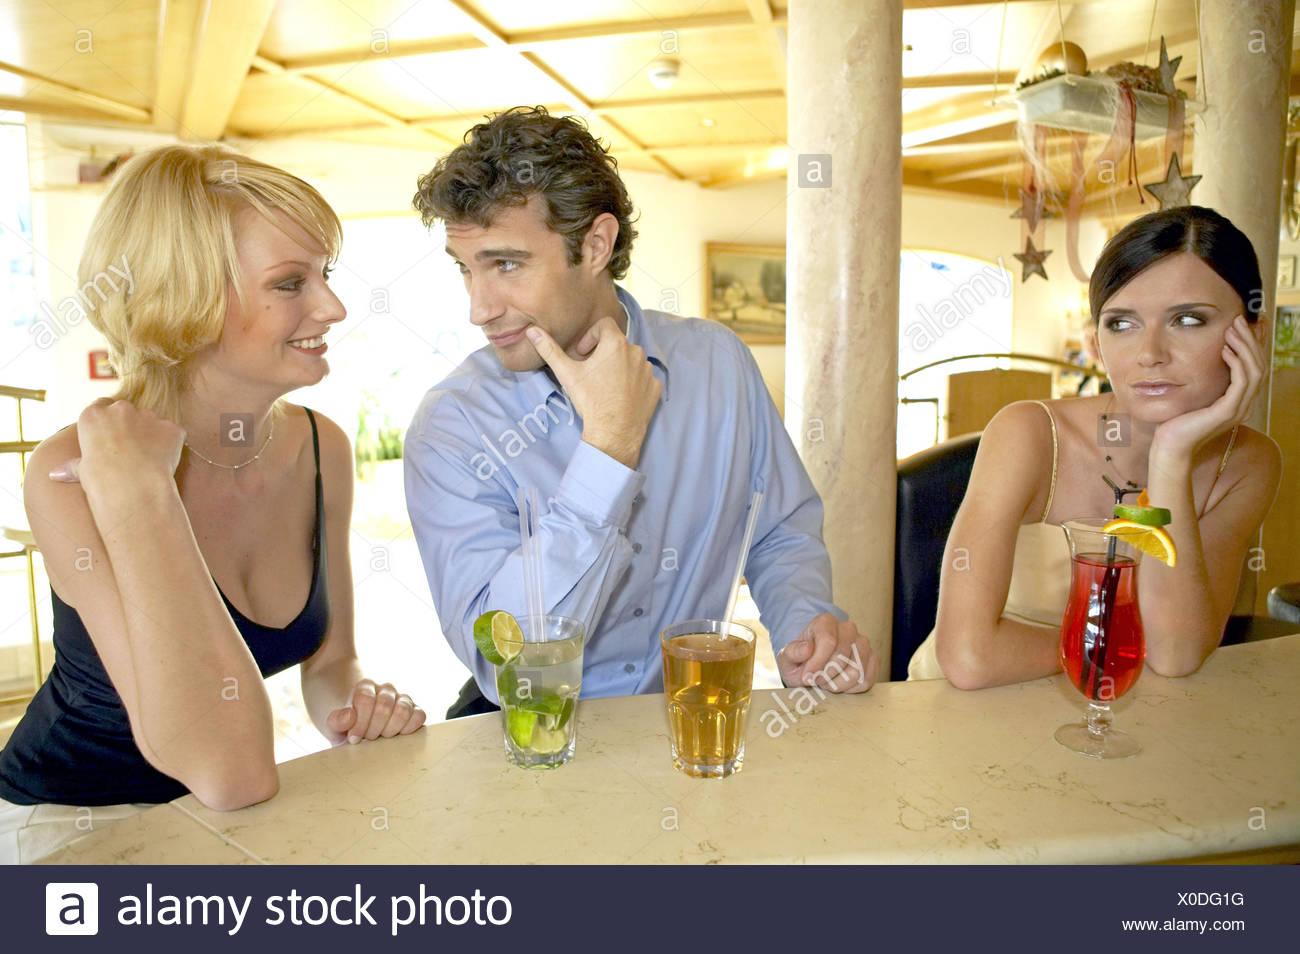 Die Körpersprache: Frau zeigt so ihr Interesse!